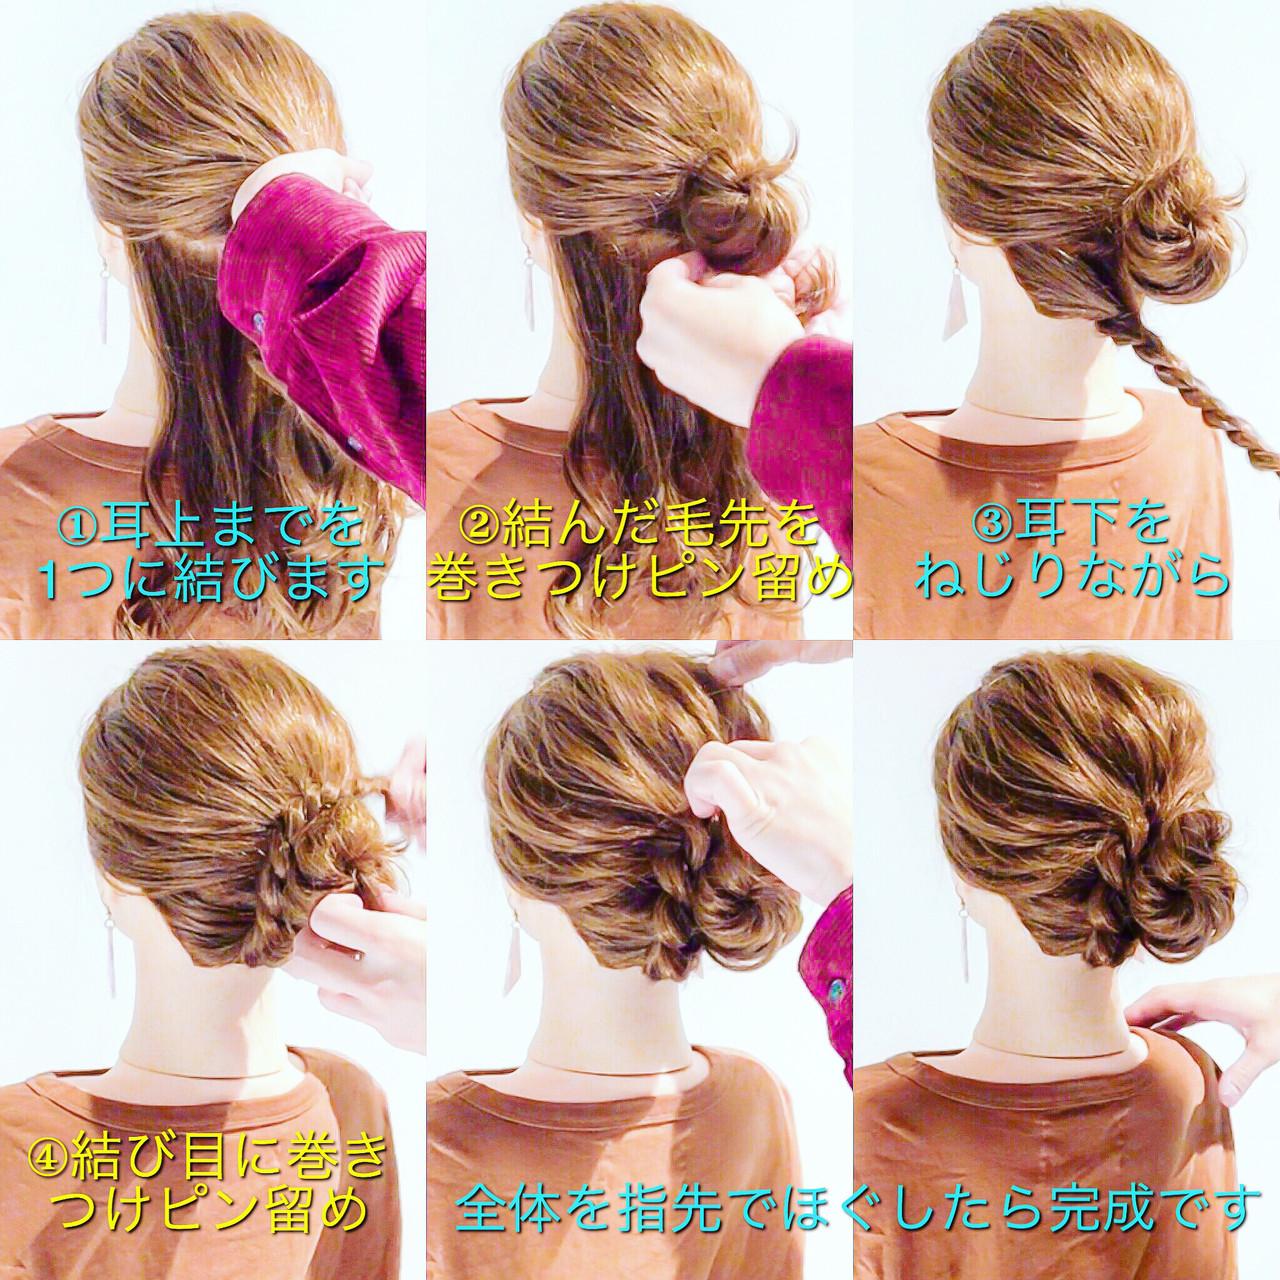 お団子ヘア 簡単ヘアアレンジ ヘアアレンジ ロング ヘアスタイルや髪型の写真・画像